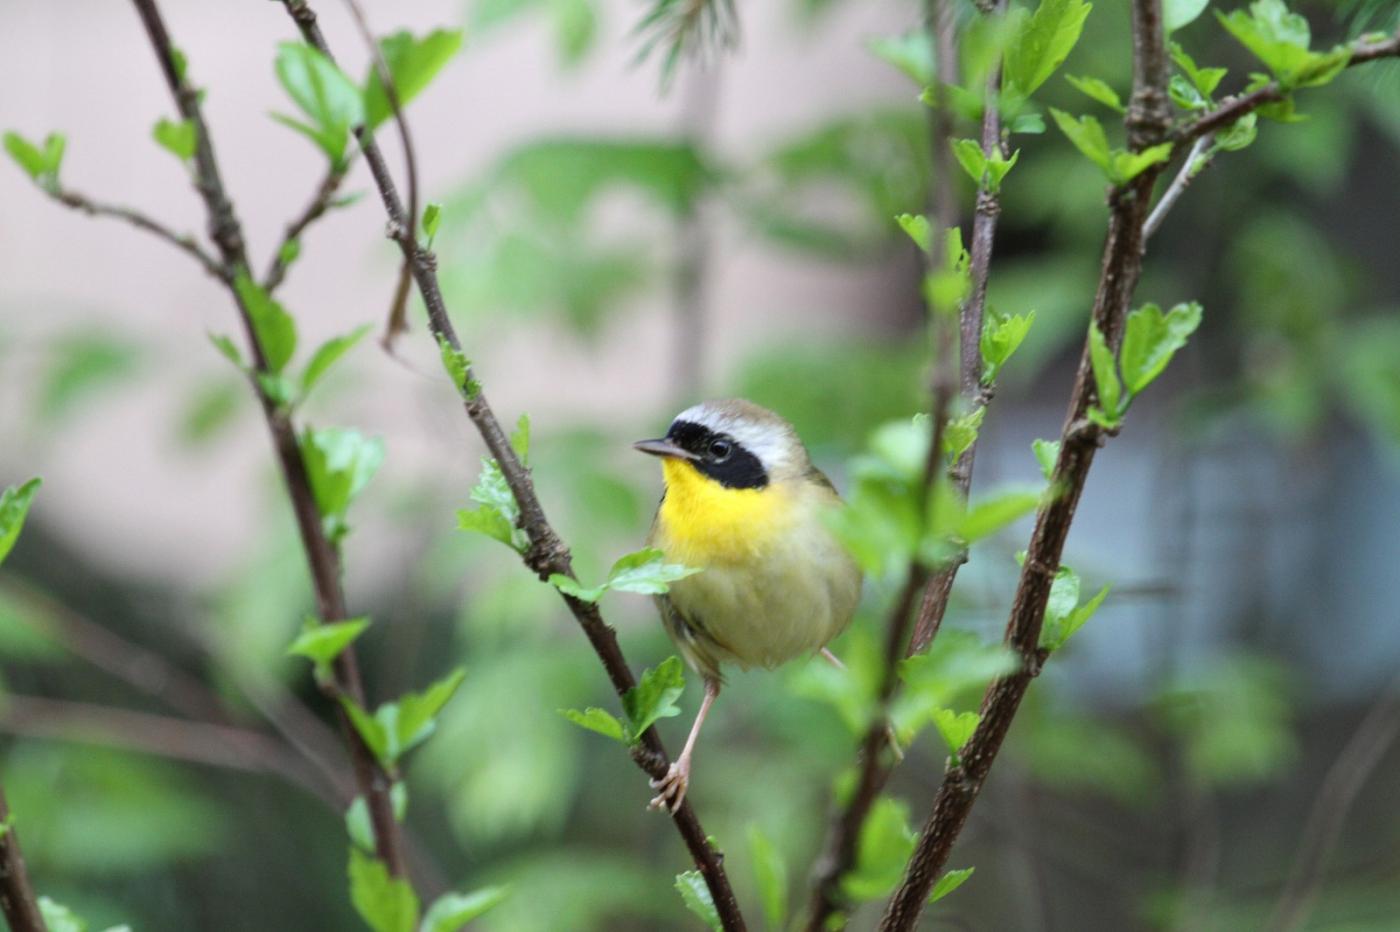 【田螺摄影】雨后窗外的小黄鸟_图1-4